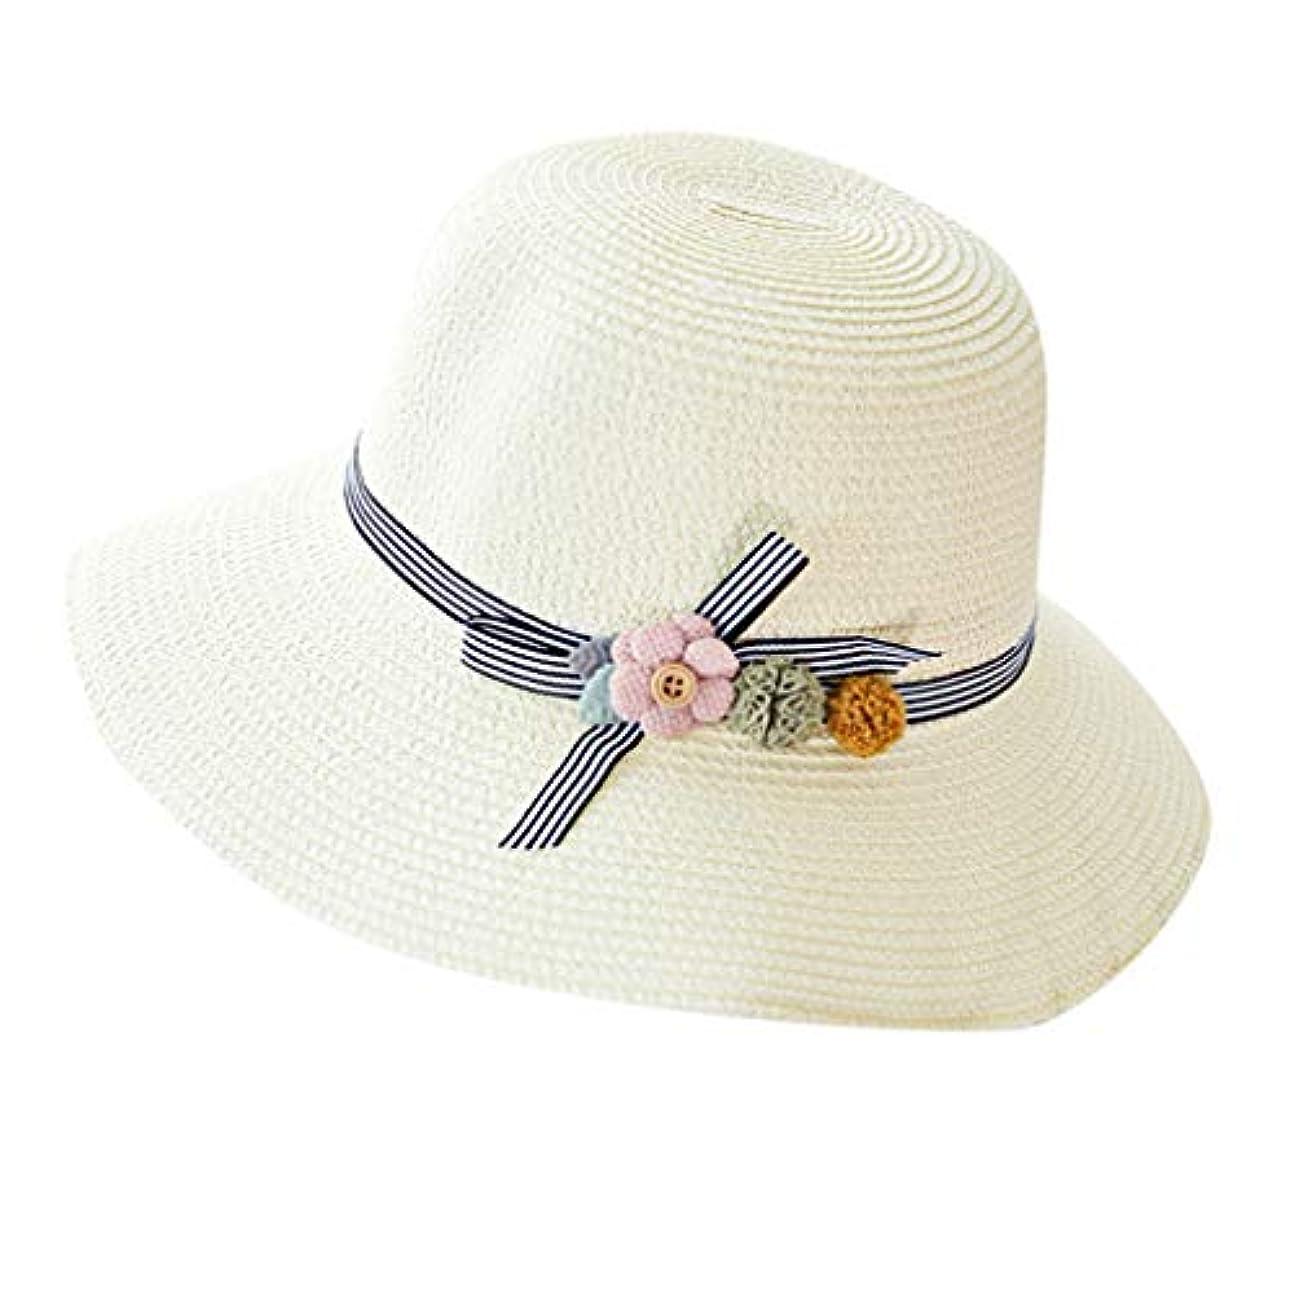 留まるナンセンス薬剤師漁師帽 夏 帽子 レディース UVカット 帽子 ハット レディース 紫外線対策 日焼け防止 つば広 日焼け 旅行用 日よけ 夏季 折りたたみ 森ガール ビーチ 海辺 帽子 ハット レディース 花 ROSE ROMAN